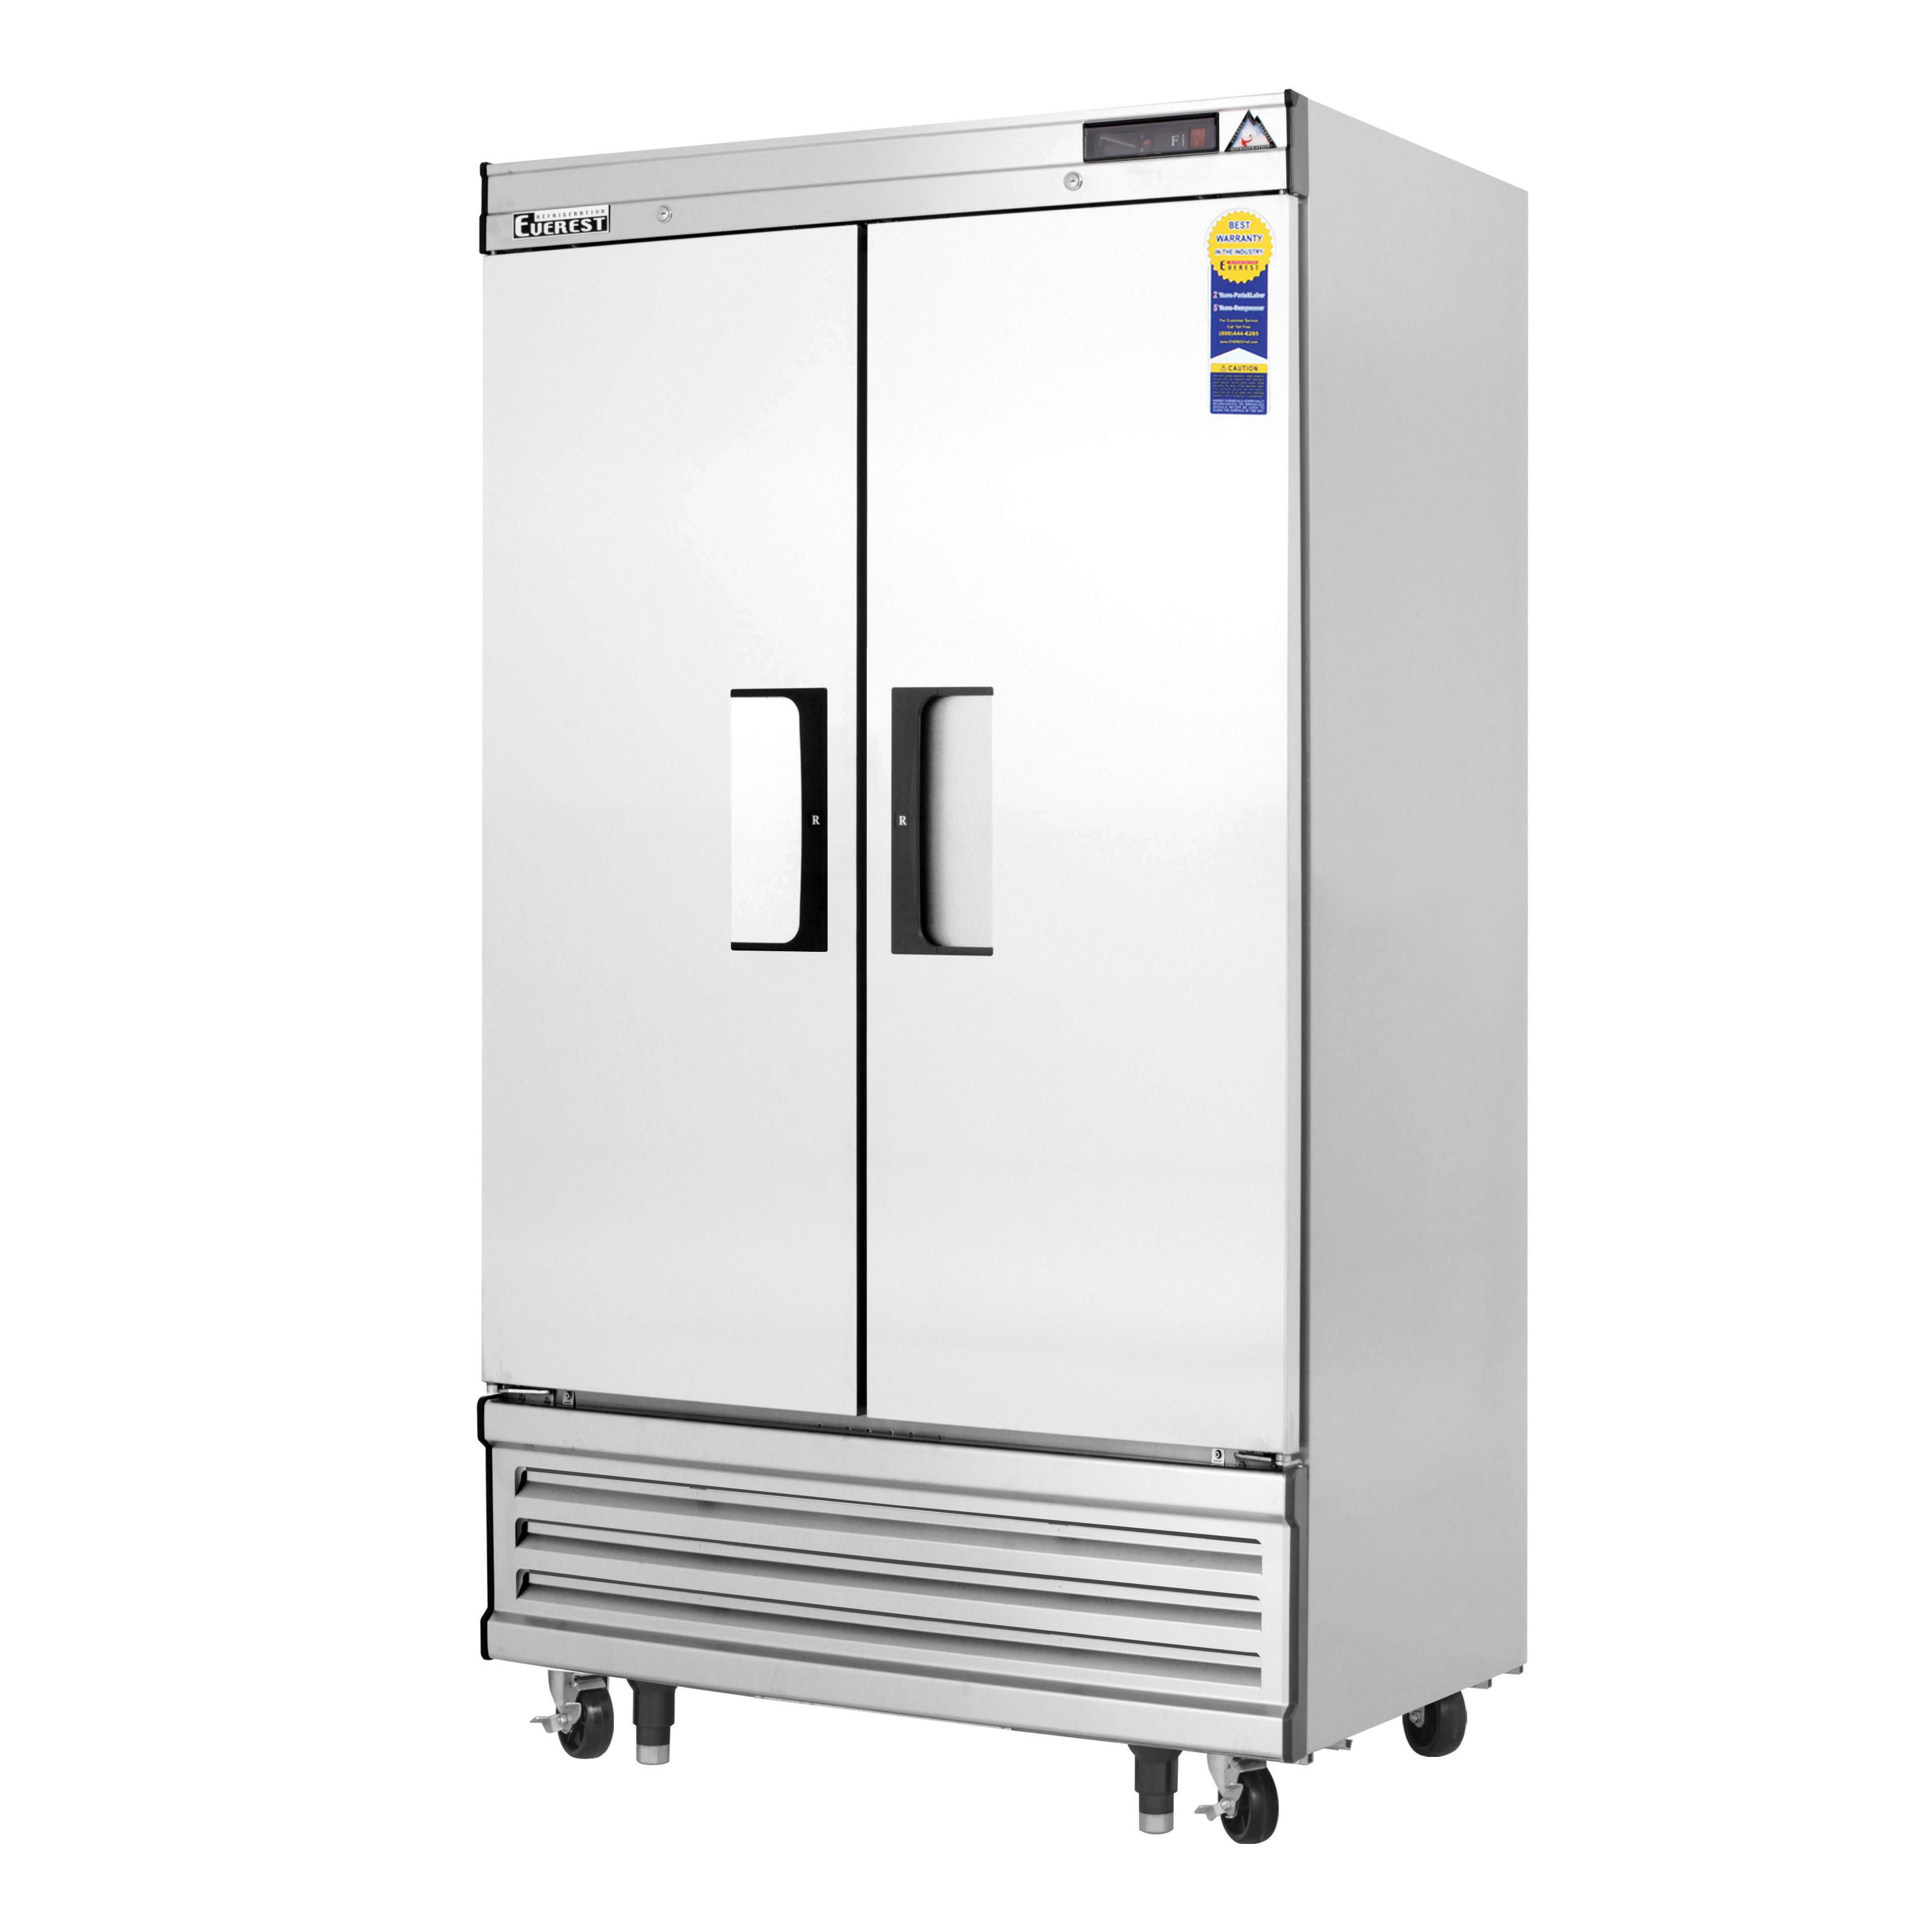 Everest Refrigeration EBNF2 freezer, reach-in